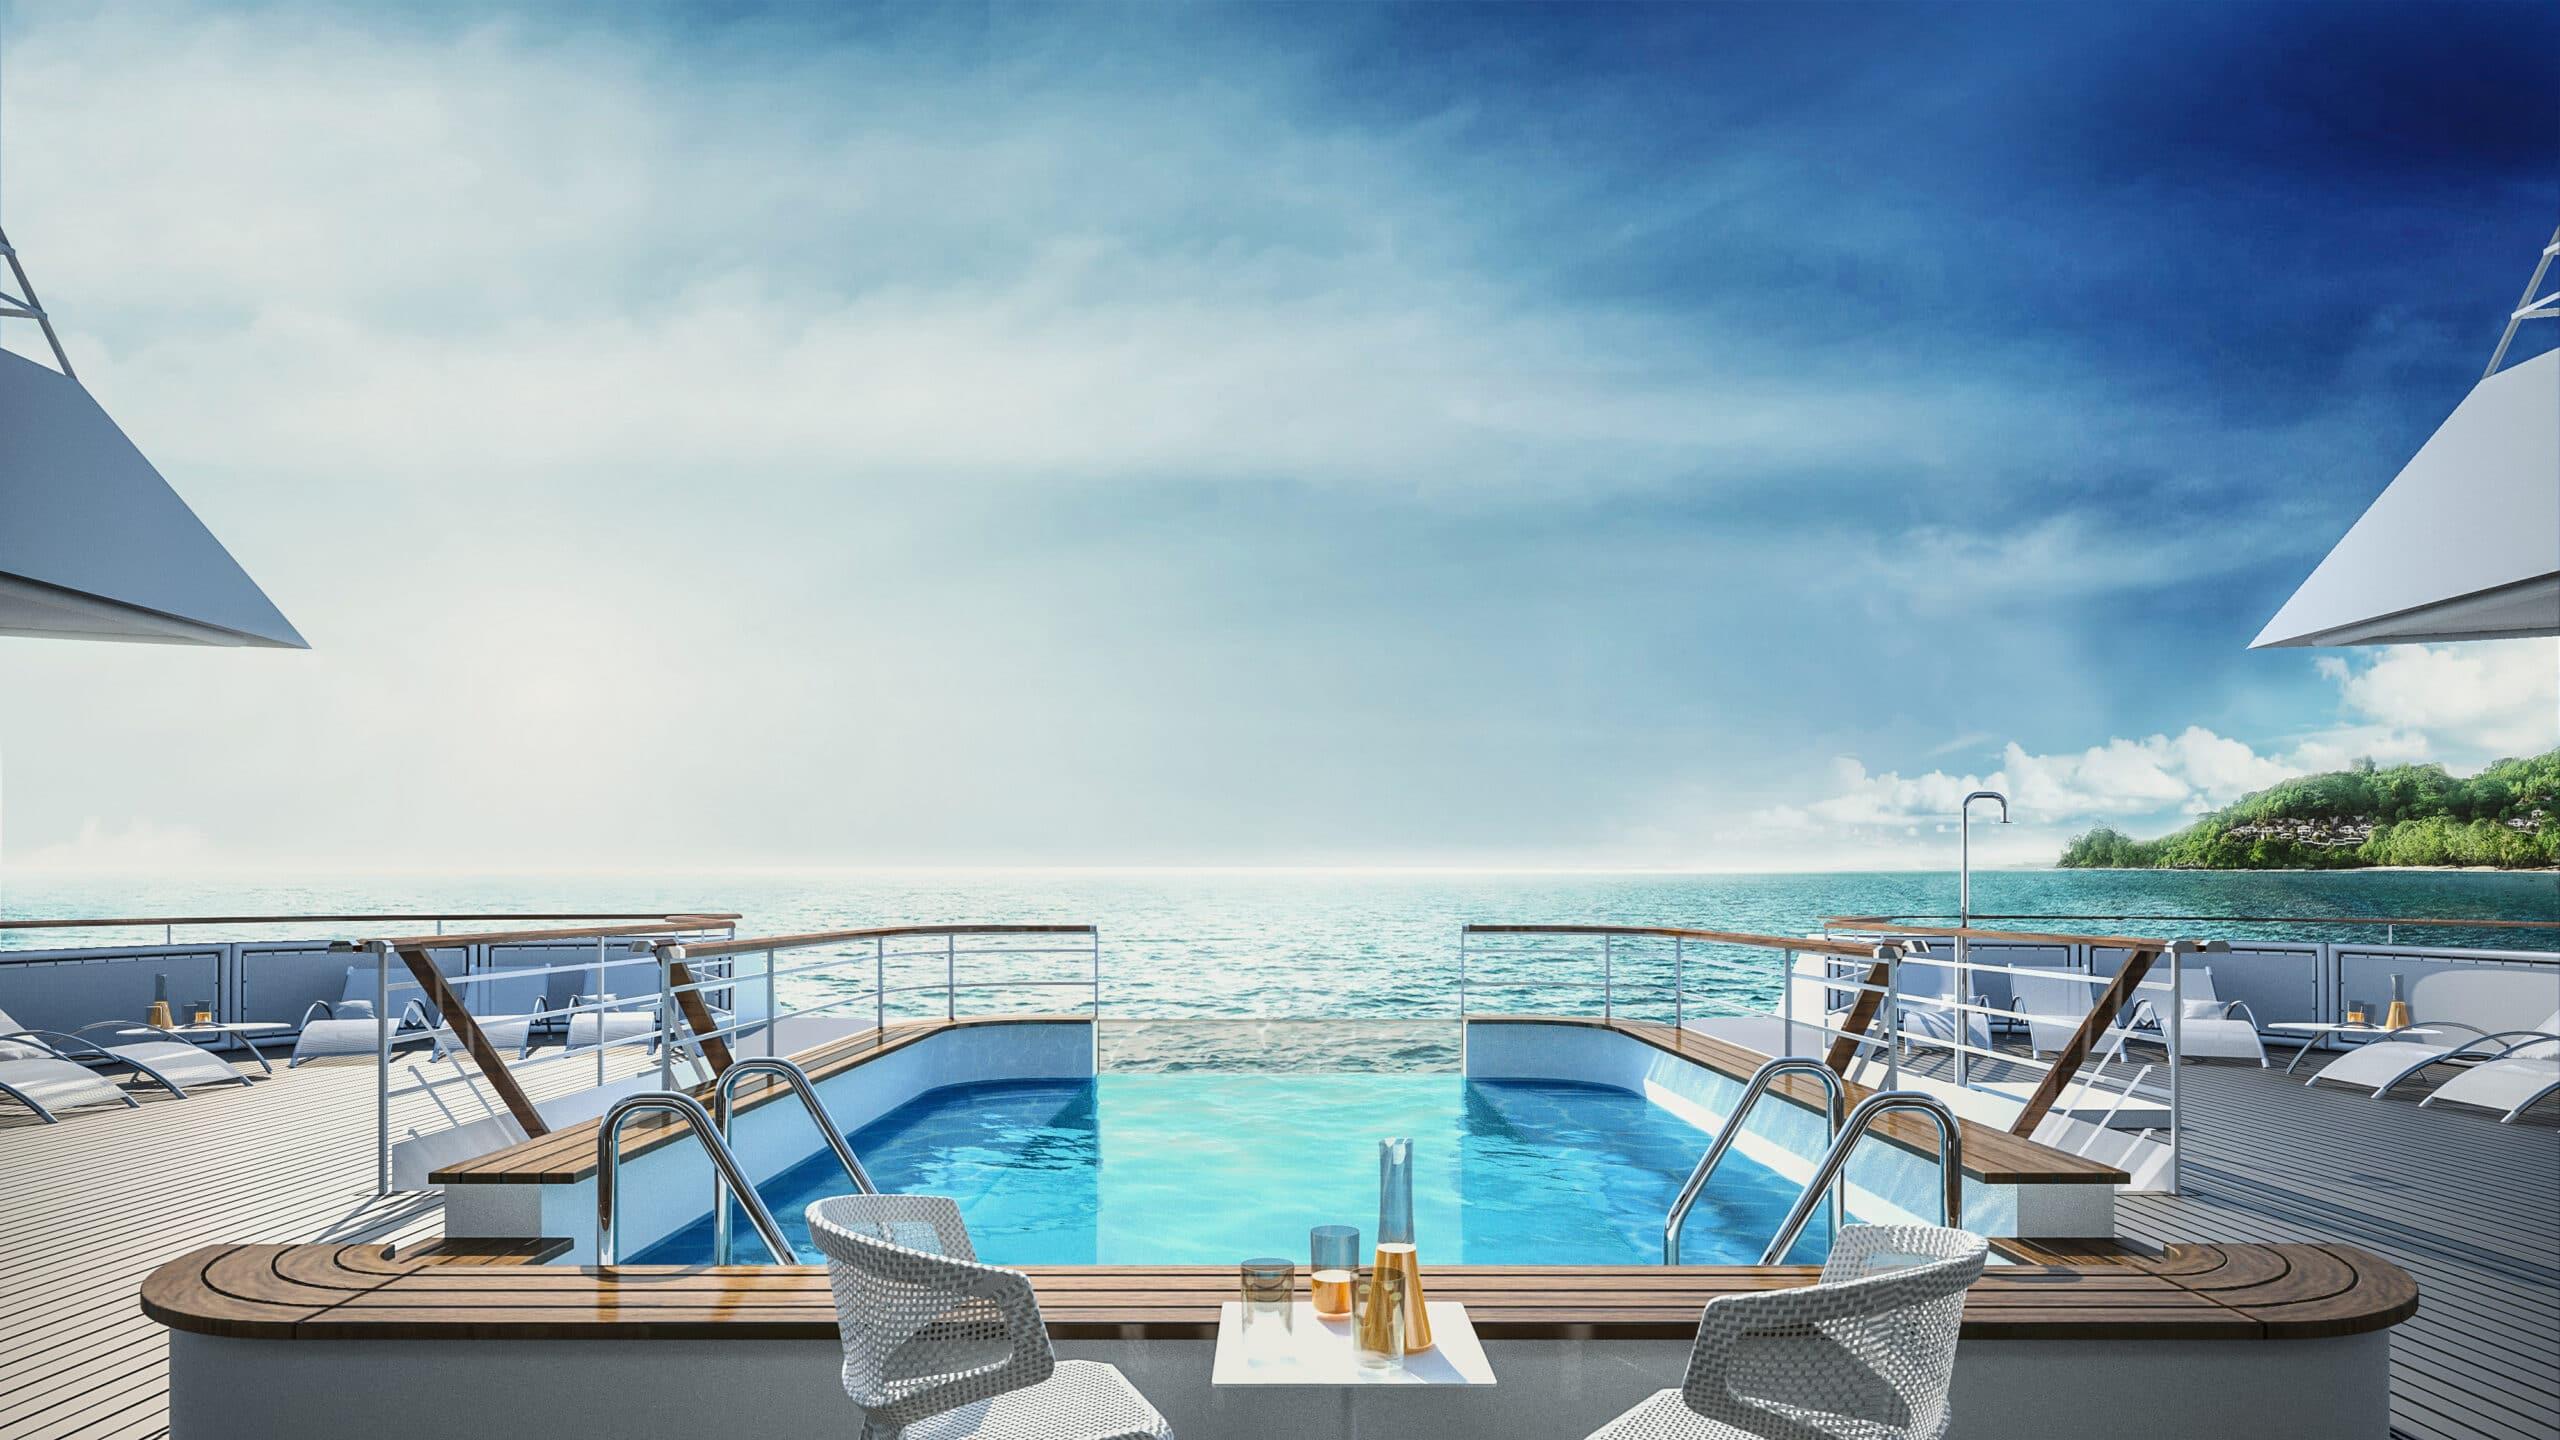 Cruiseschip-Le Bellot-Le Champlain-Le Laperouse-Ponant Yacht Cruises-Zwembad